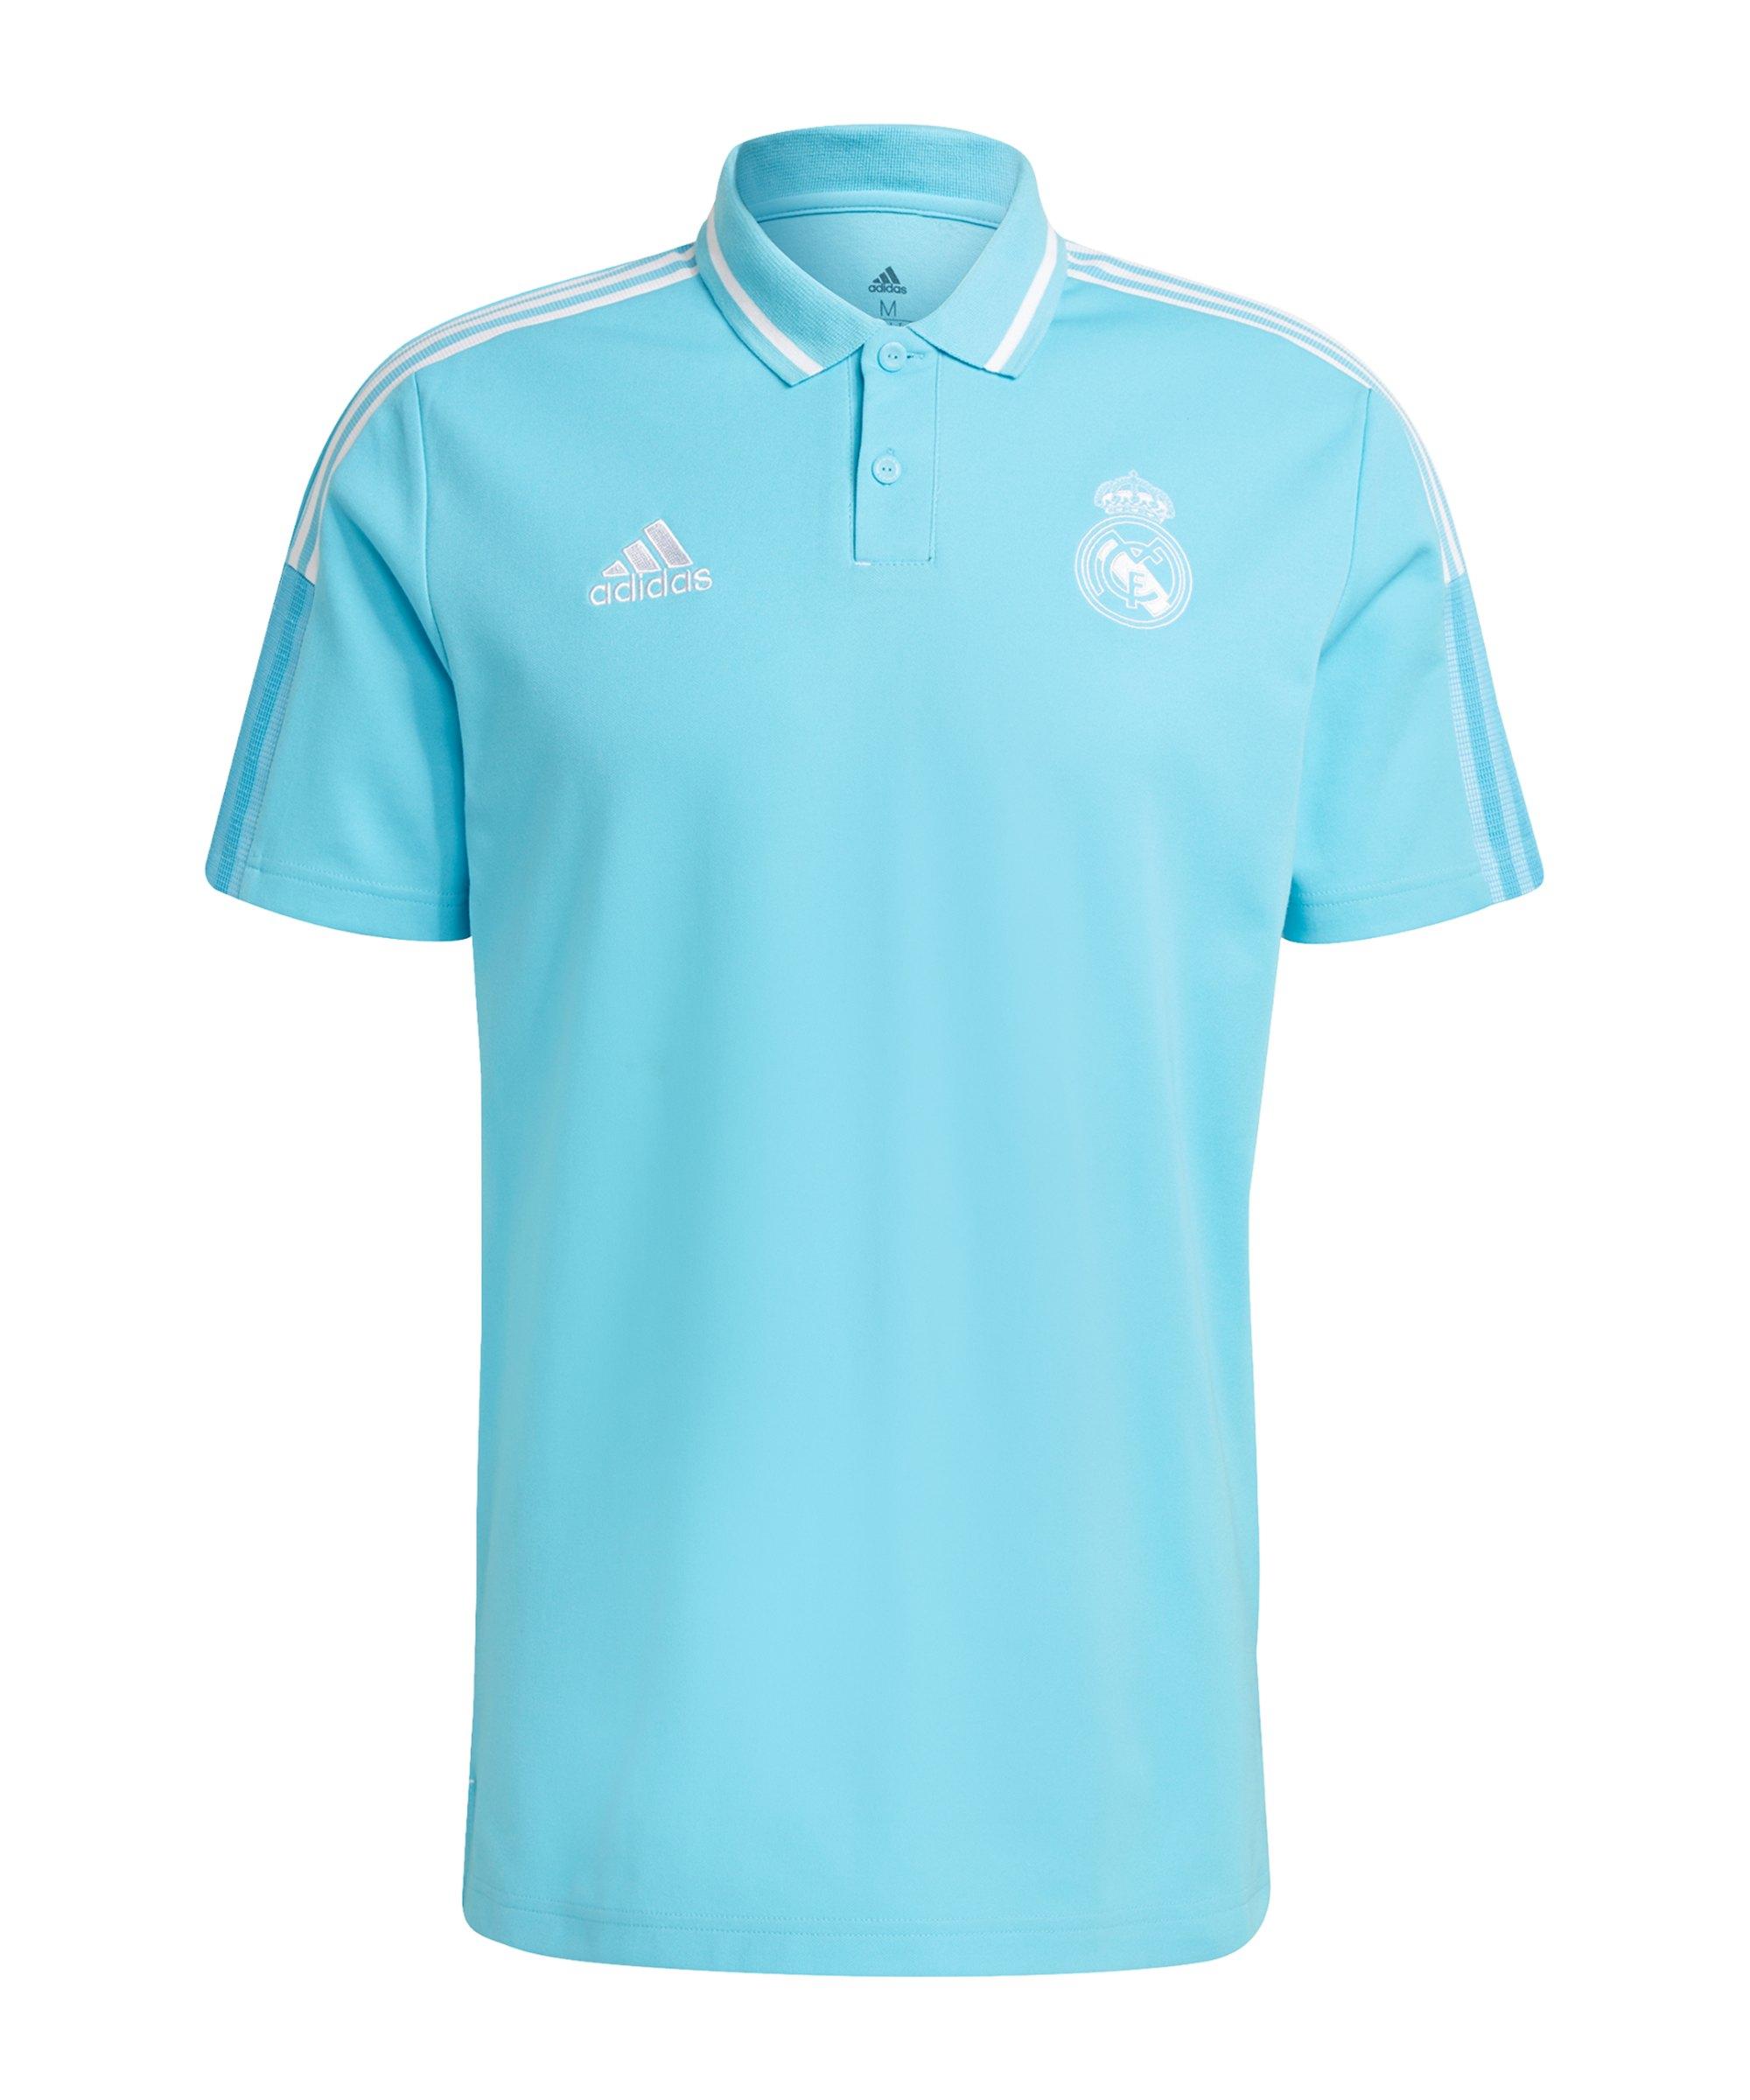 adidas Real Madrid Poloshirt Hellblau - blau